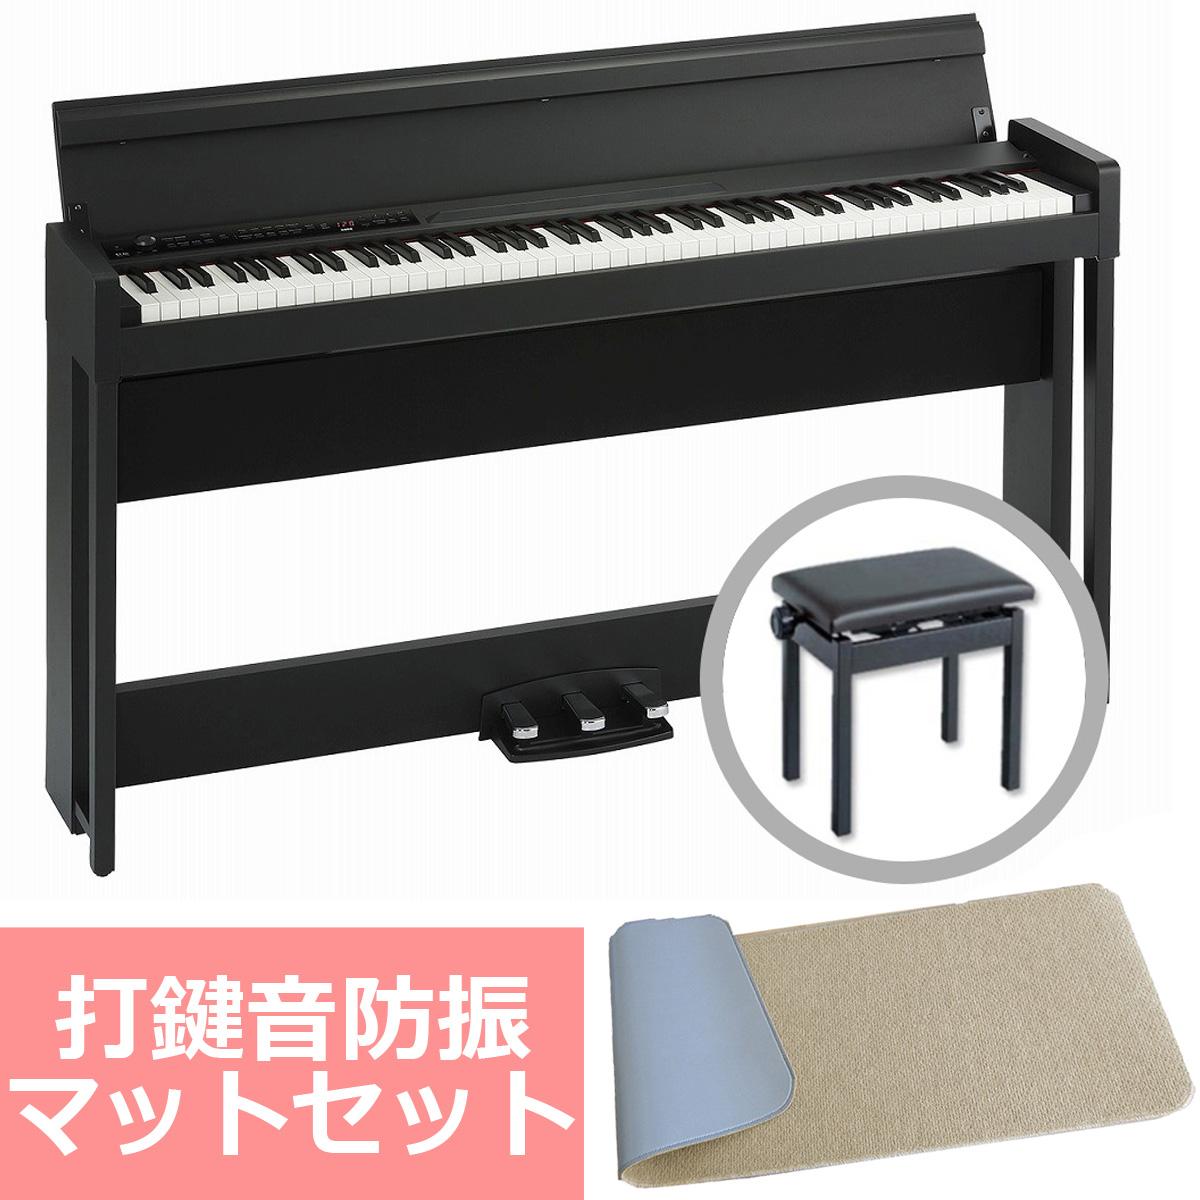 KORG コルグ / C1 Air BK (ブラック) 【防振マットセット!】デジタル・ピアノ【YRK】